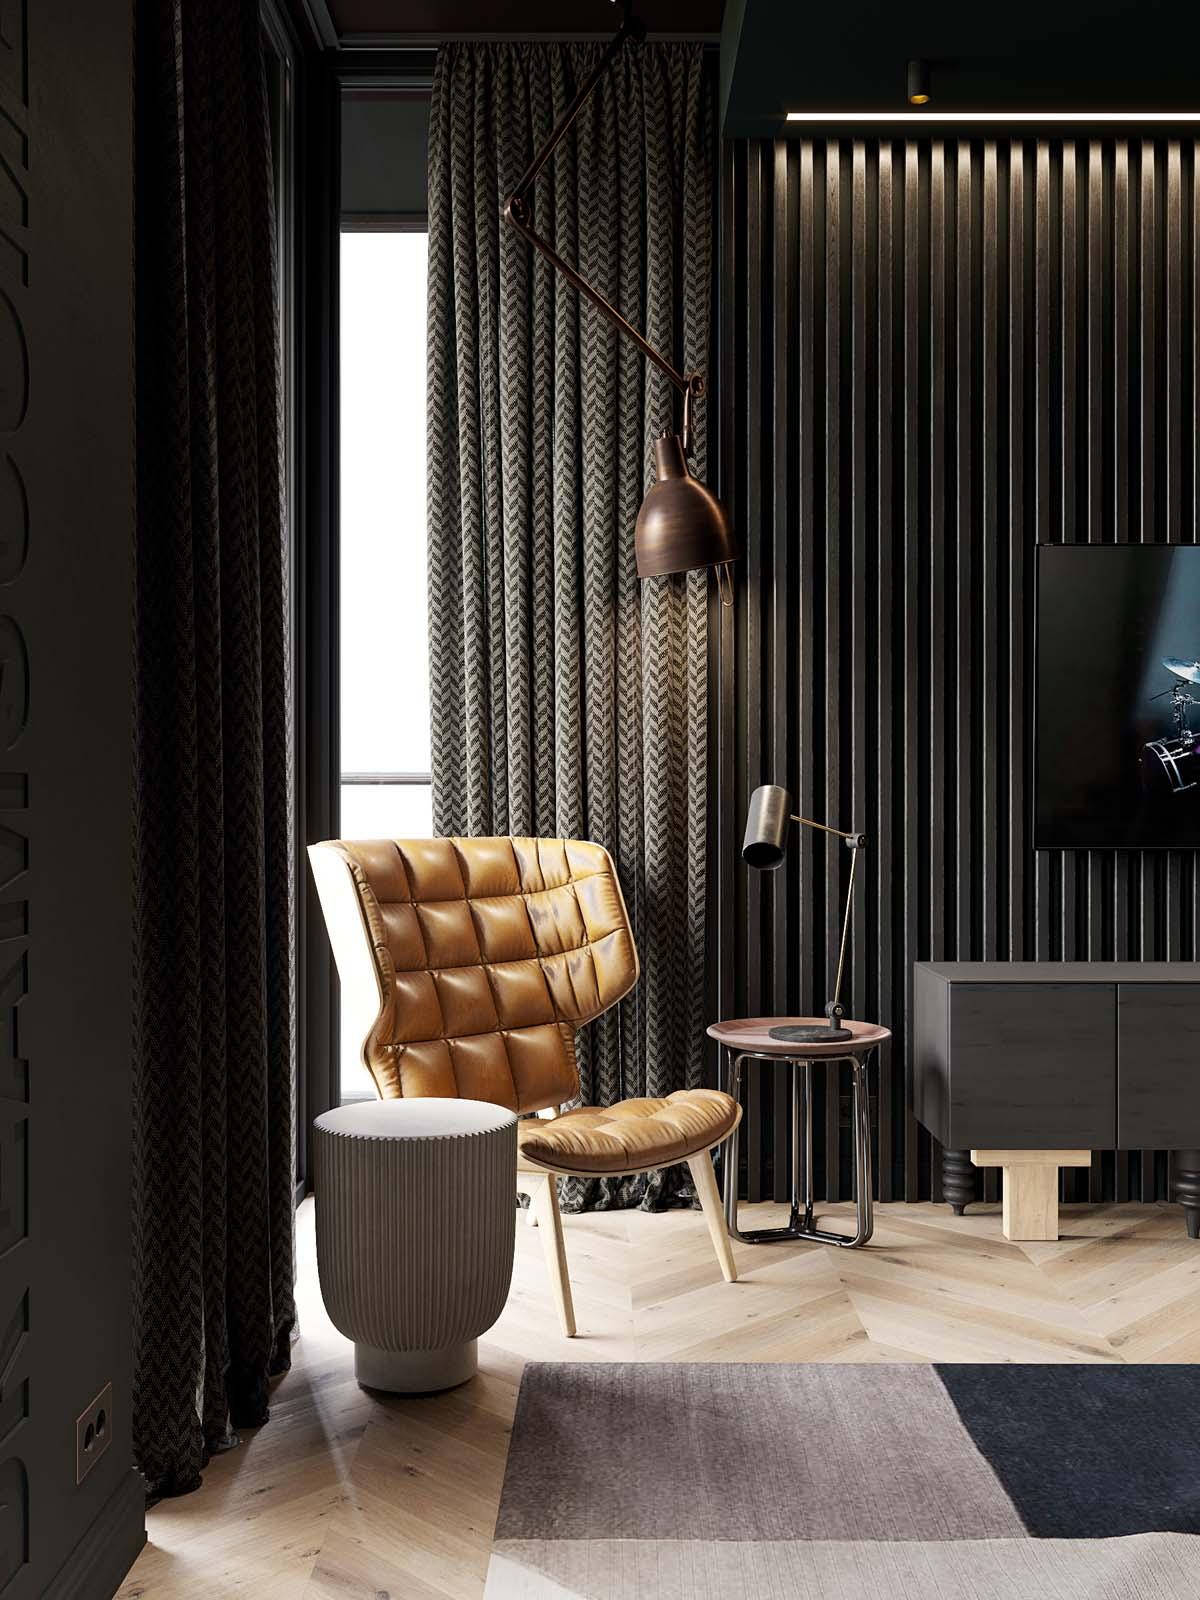 2个大胆暗黑色装饰的小户型公寓